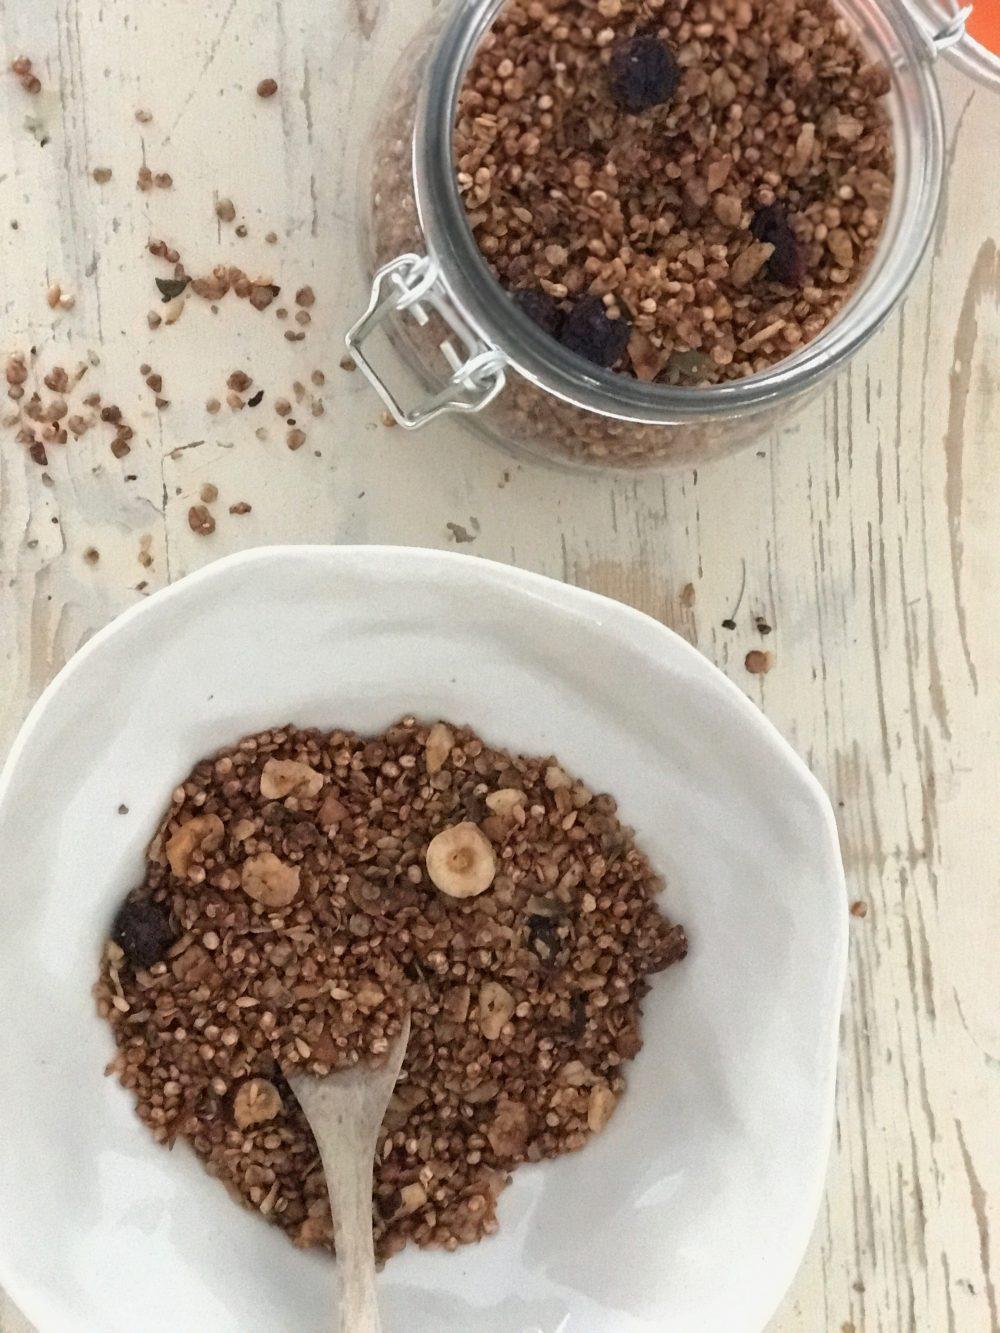 Wenn ihr auf der suche nach einem leckeren Schokogranola Rezept seit, das sich schnell und einfach herstellen lässt und auch noch ohne Zucker ist,dann schaut auf www.elfenkindberlin.de